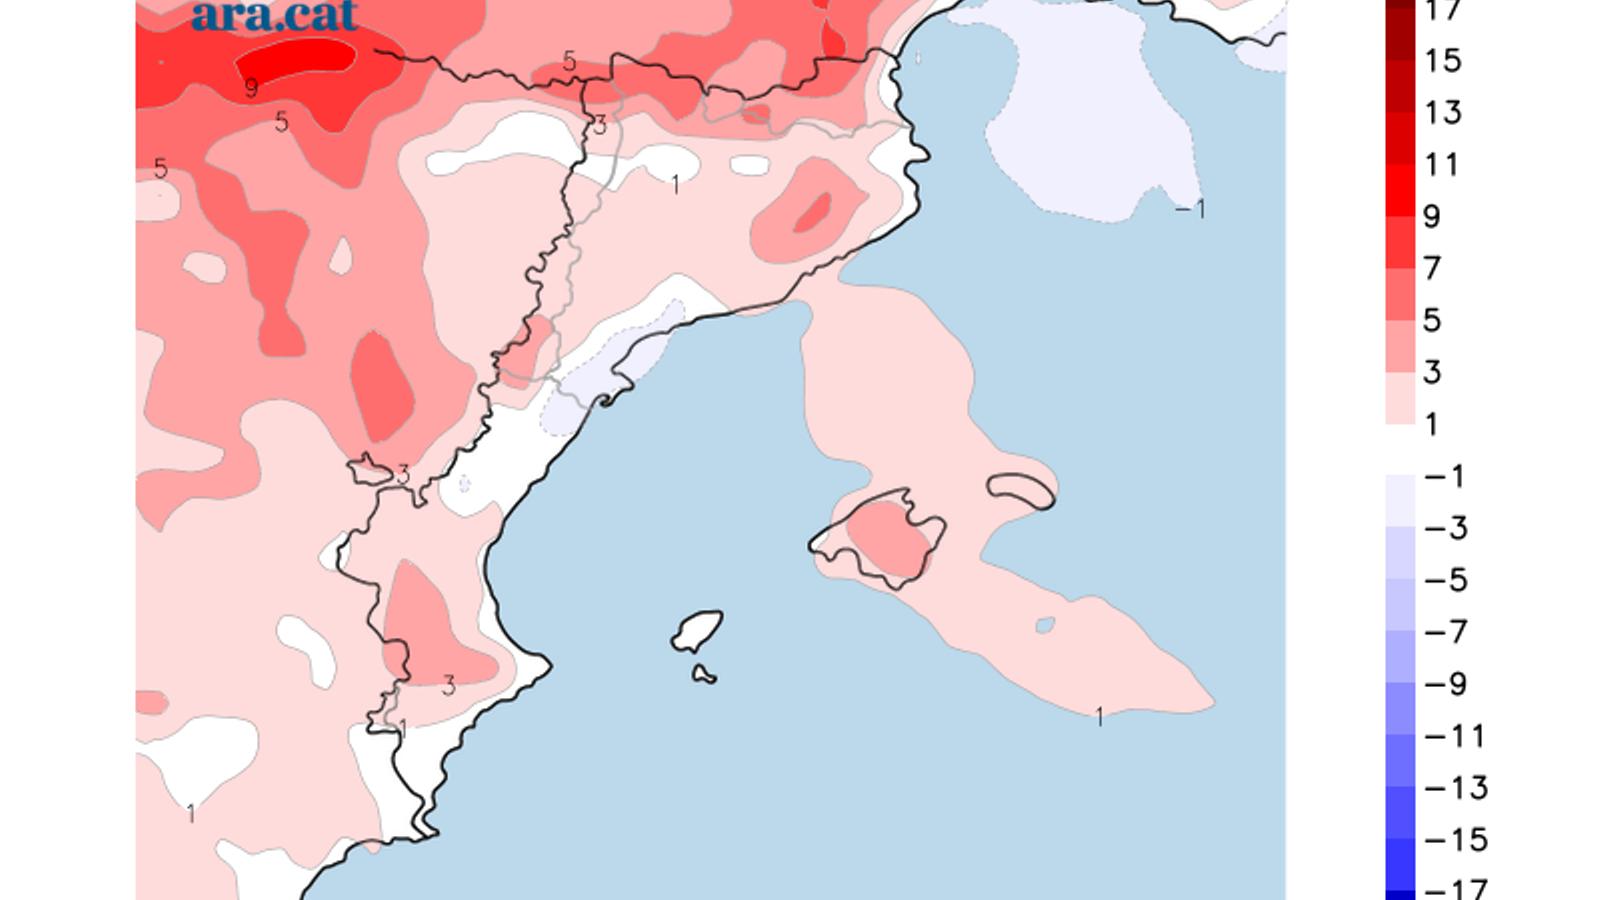 Diferència de temperatura entre avui i ahir / Model GFS - ARAméteo